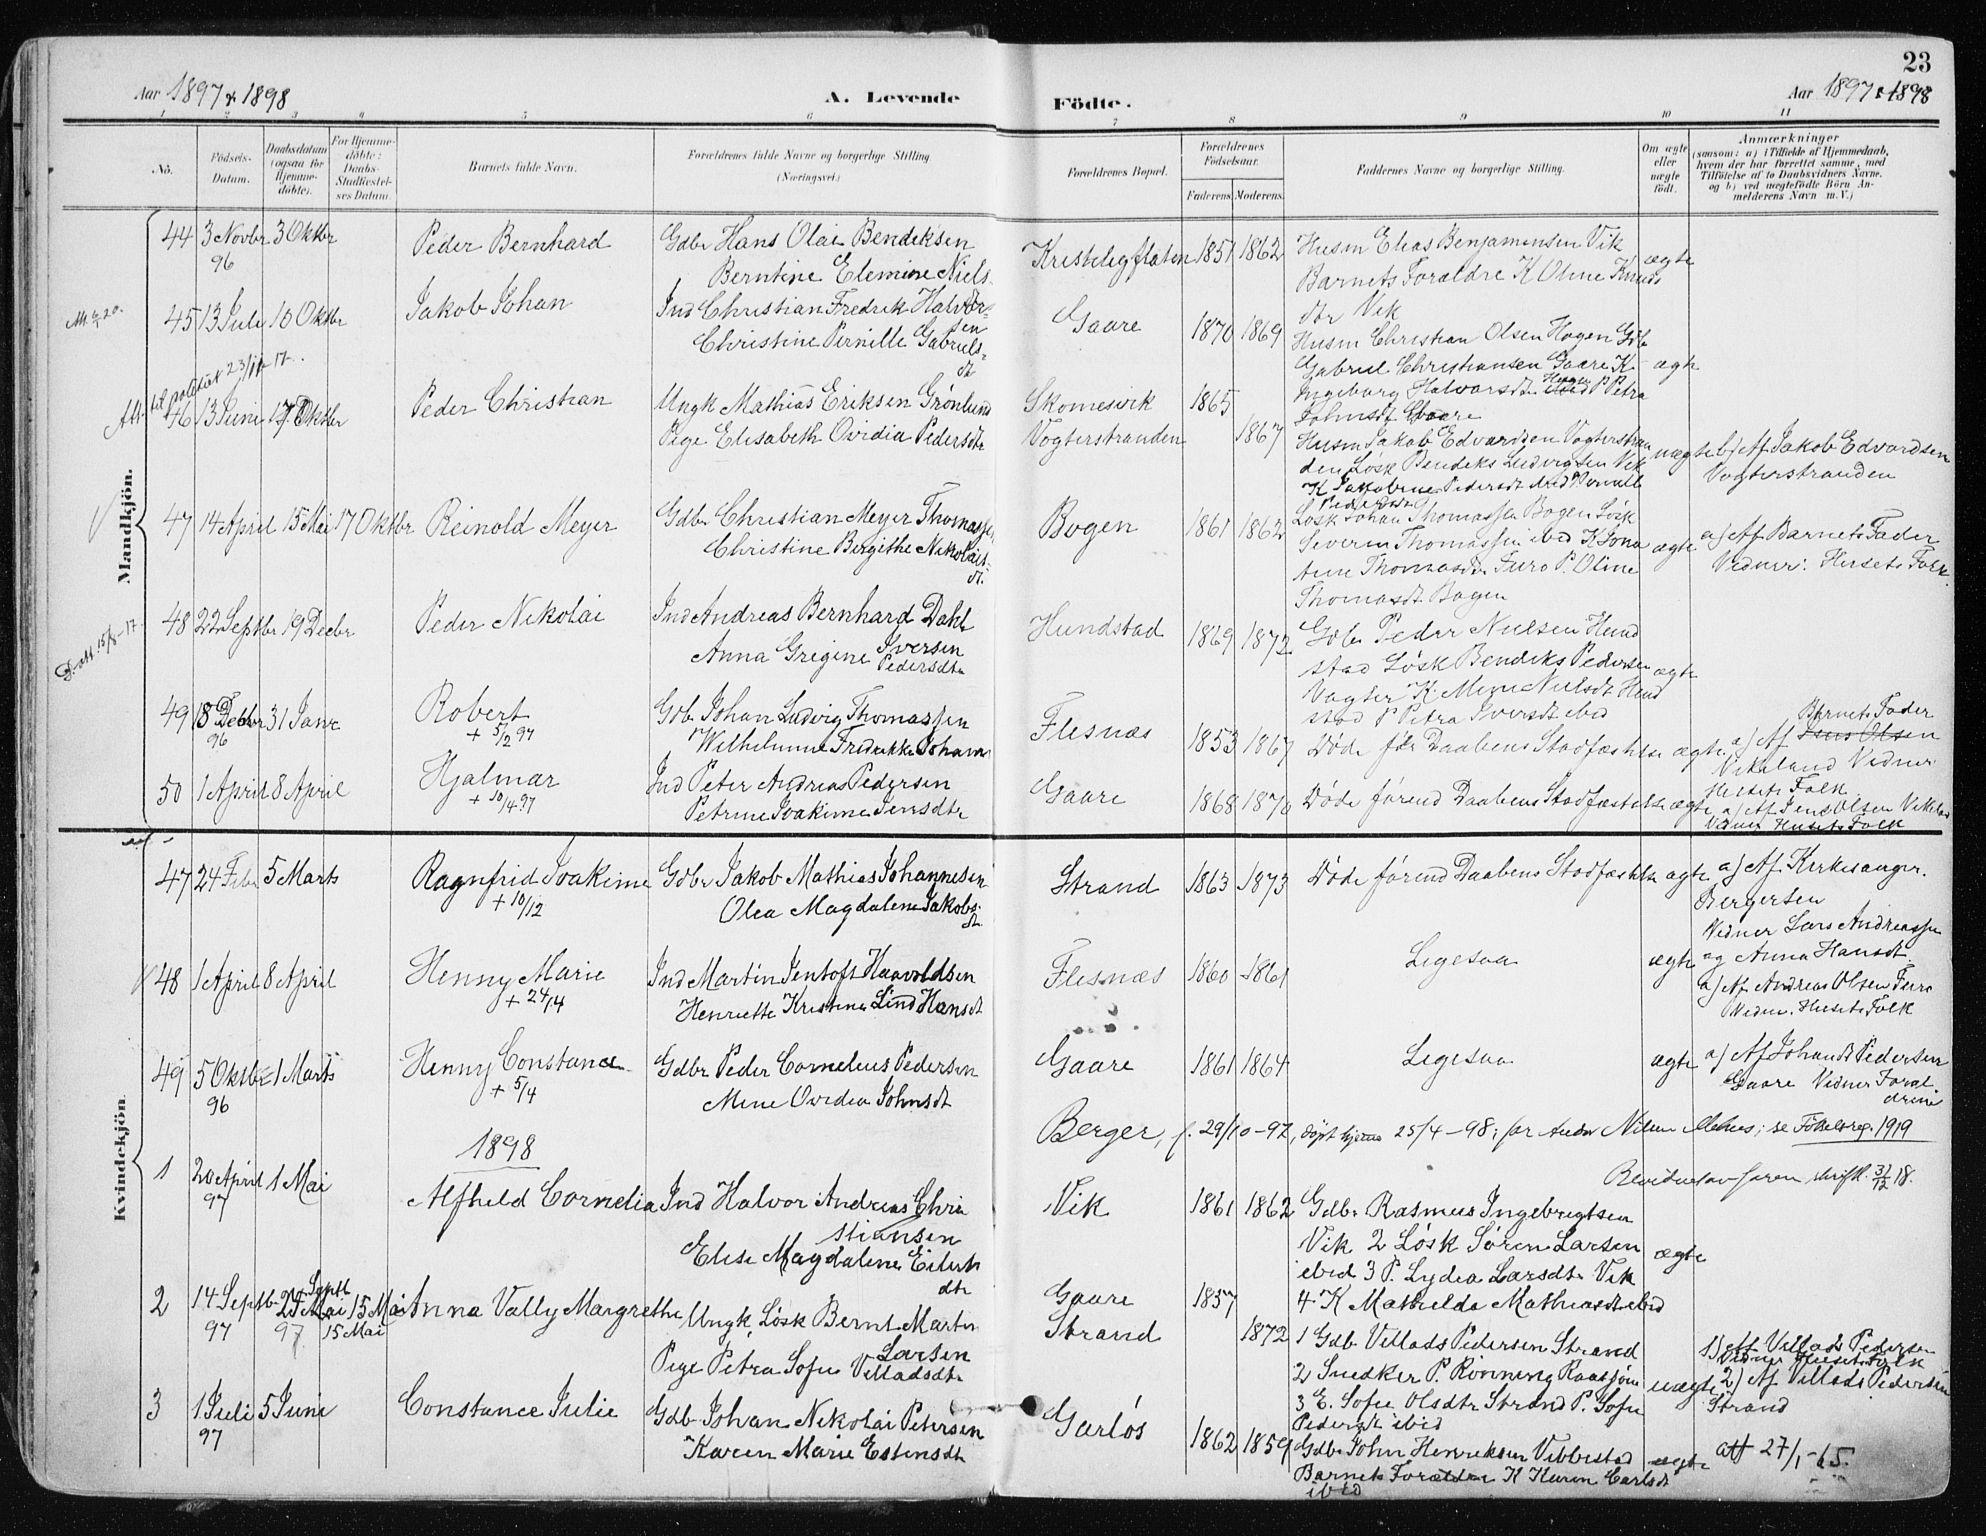 SATØ, Kvæfjord sokneprestkontor, G/Ga/Gaa/L0006kirke: Ministerialbok nr. 6, 1895-1914, s. 23